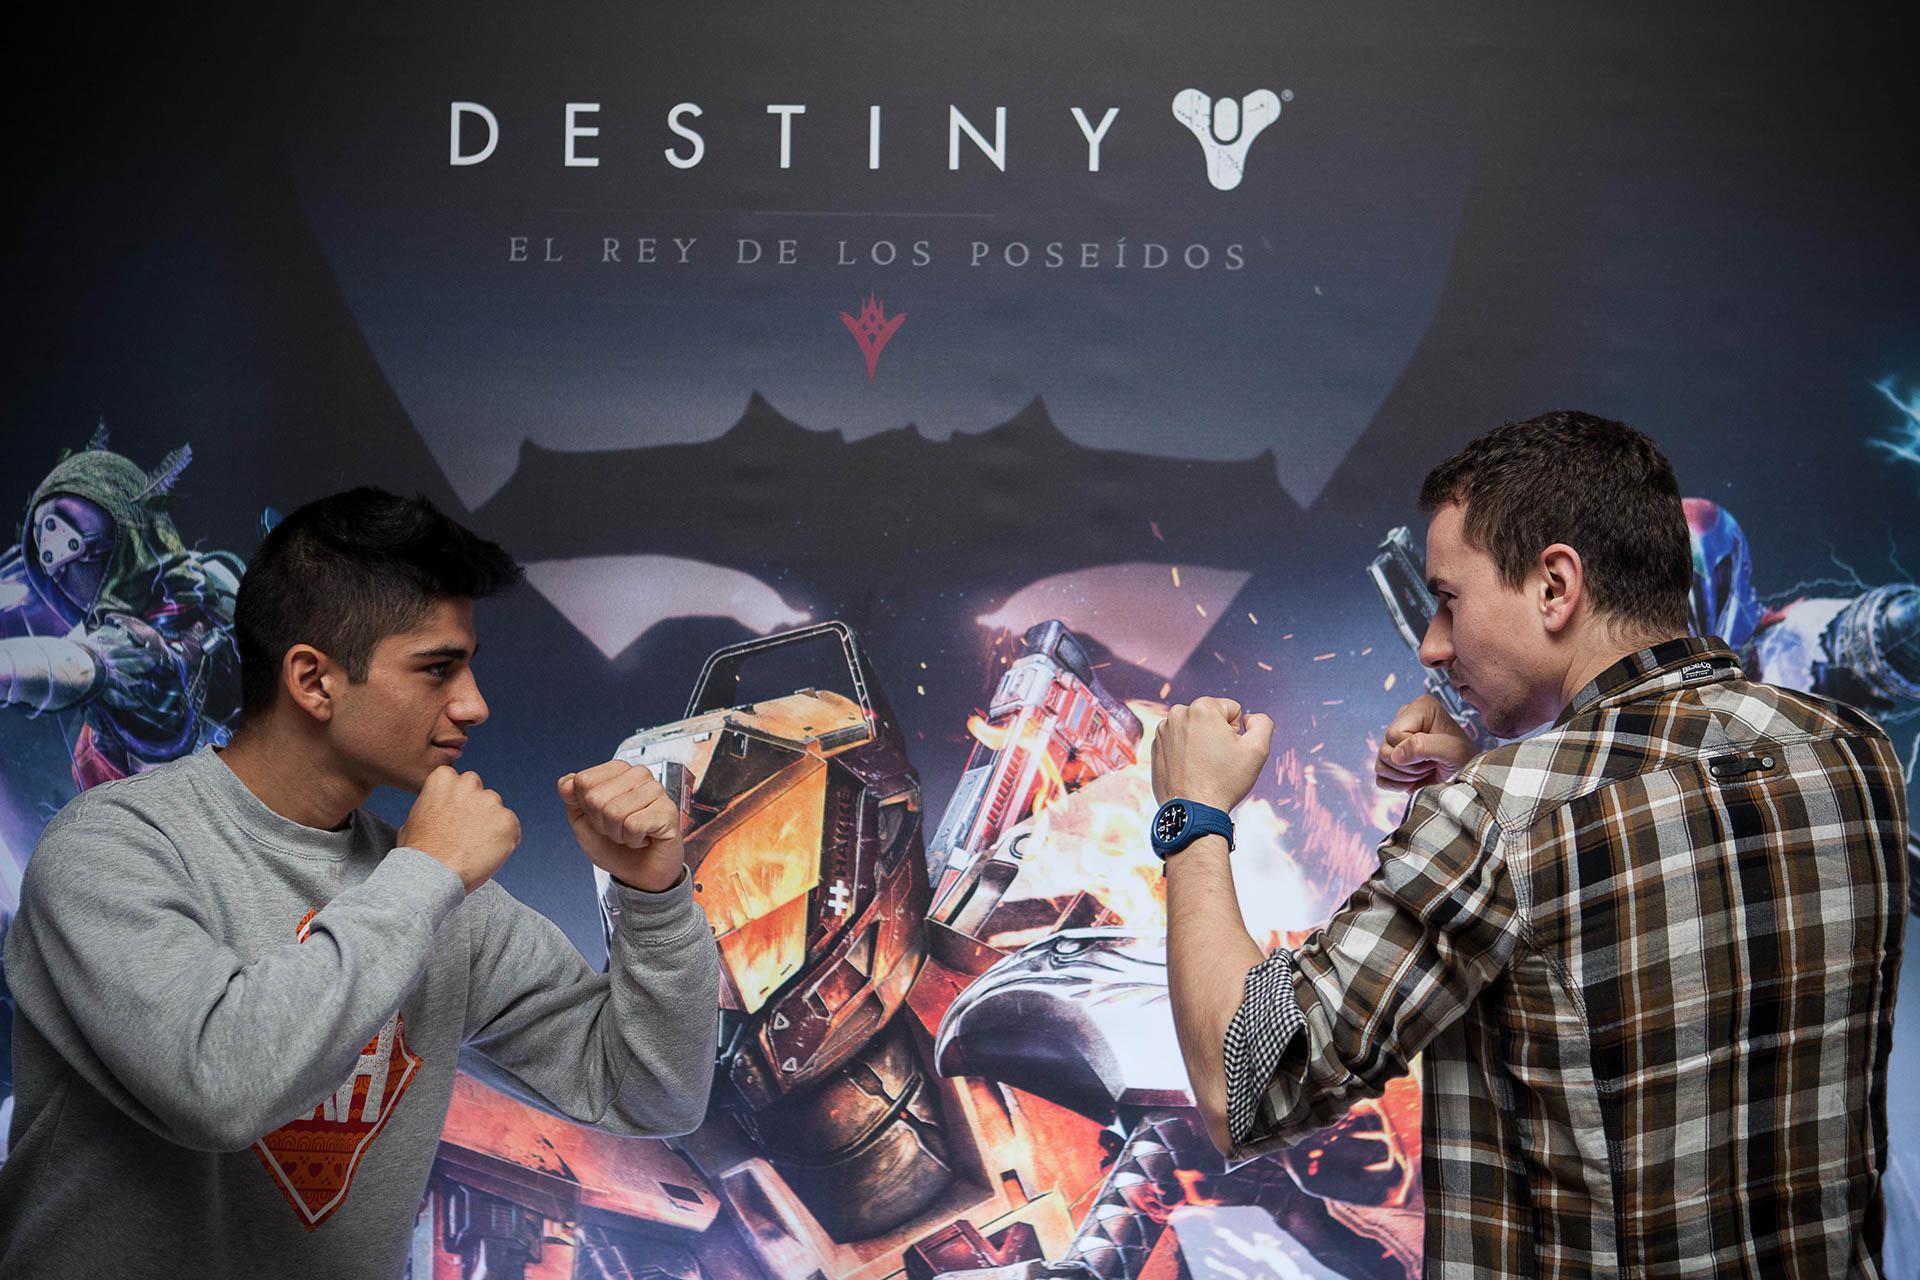 Jorge Martín y Jorge Lorenzo presentando el videojuego Destiny